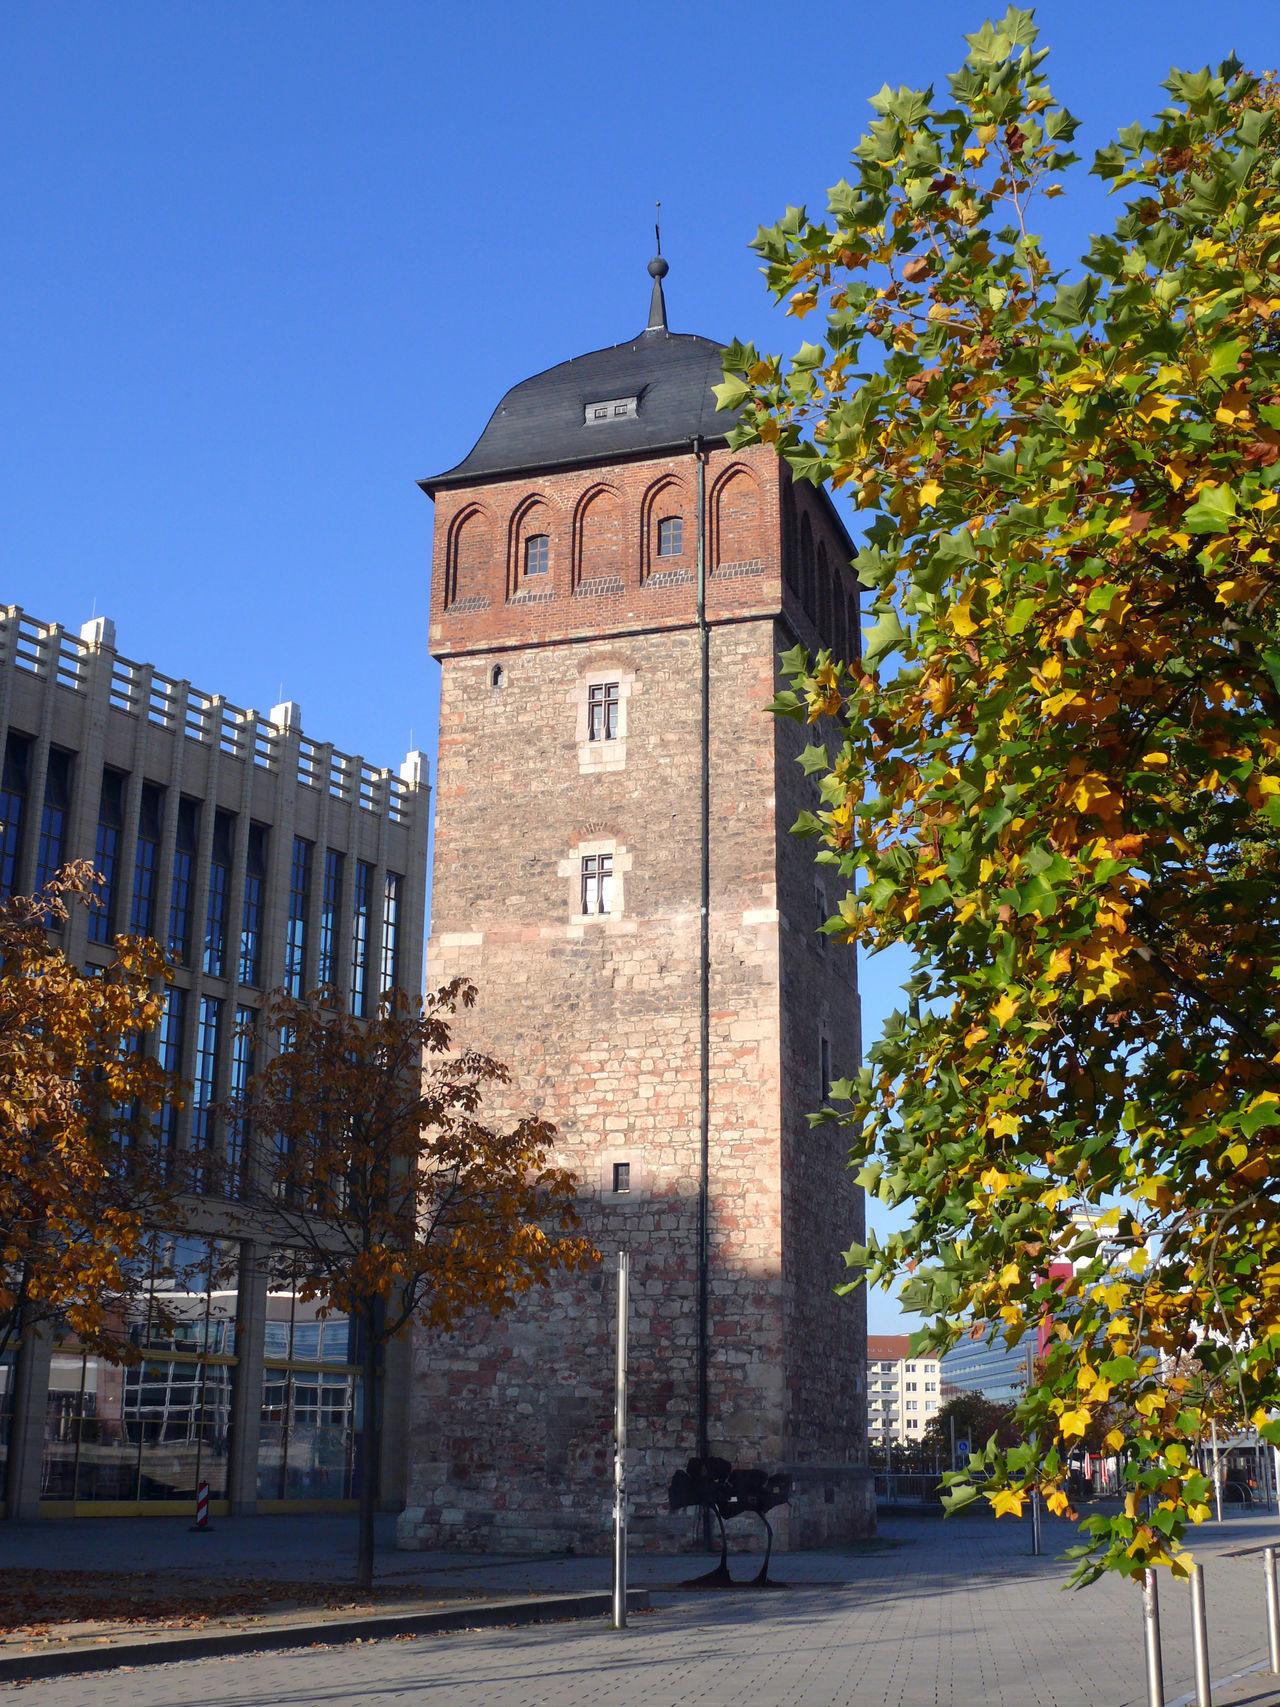 Chemnitz Chemnitz Roterturm Eastgermany Herbst Herbststimmung Landmarkbuildings Landmarktower Ostdeutschland Roter Turm Saxony Wahrzeichen